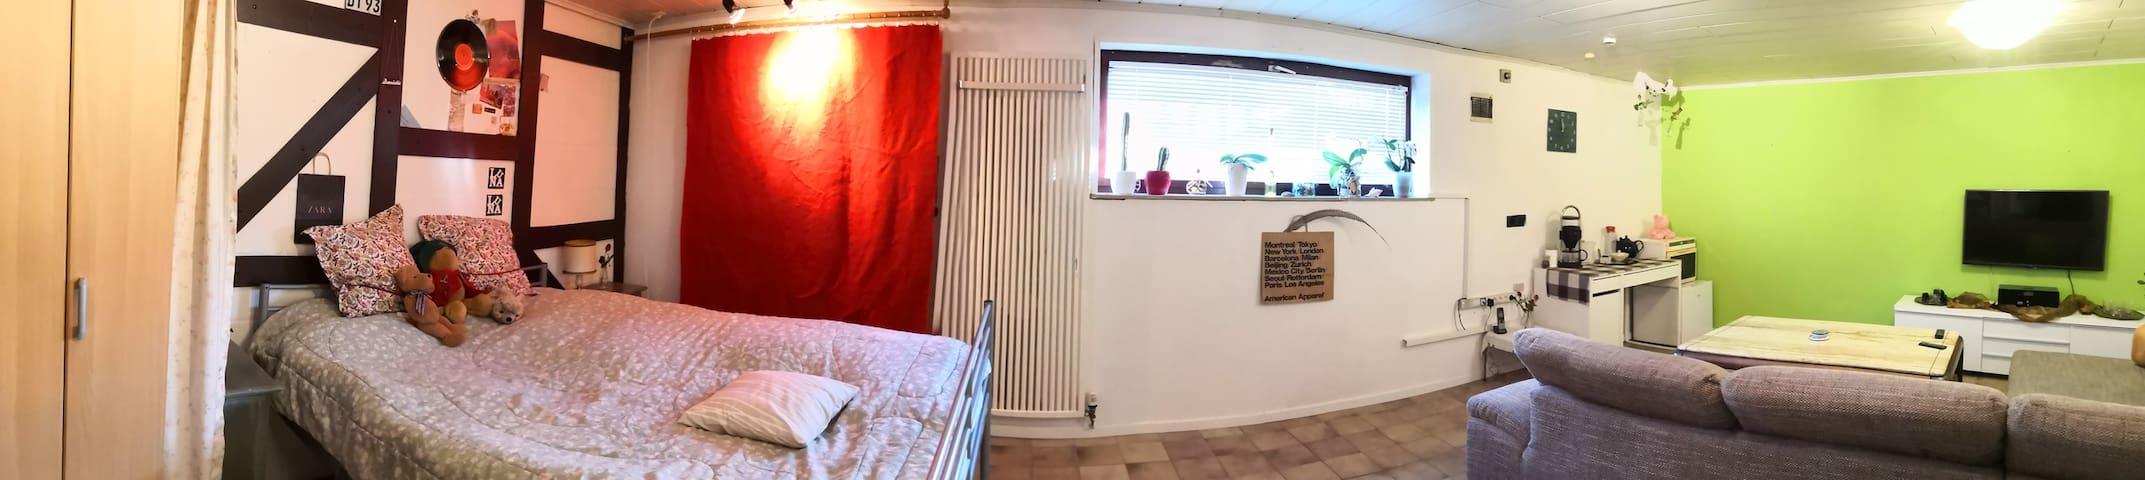 Zimmer in ruhiger Lage für 2-3 Personen